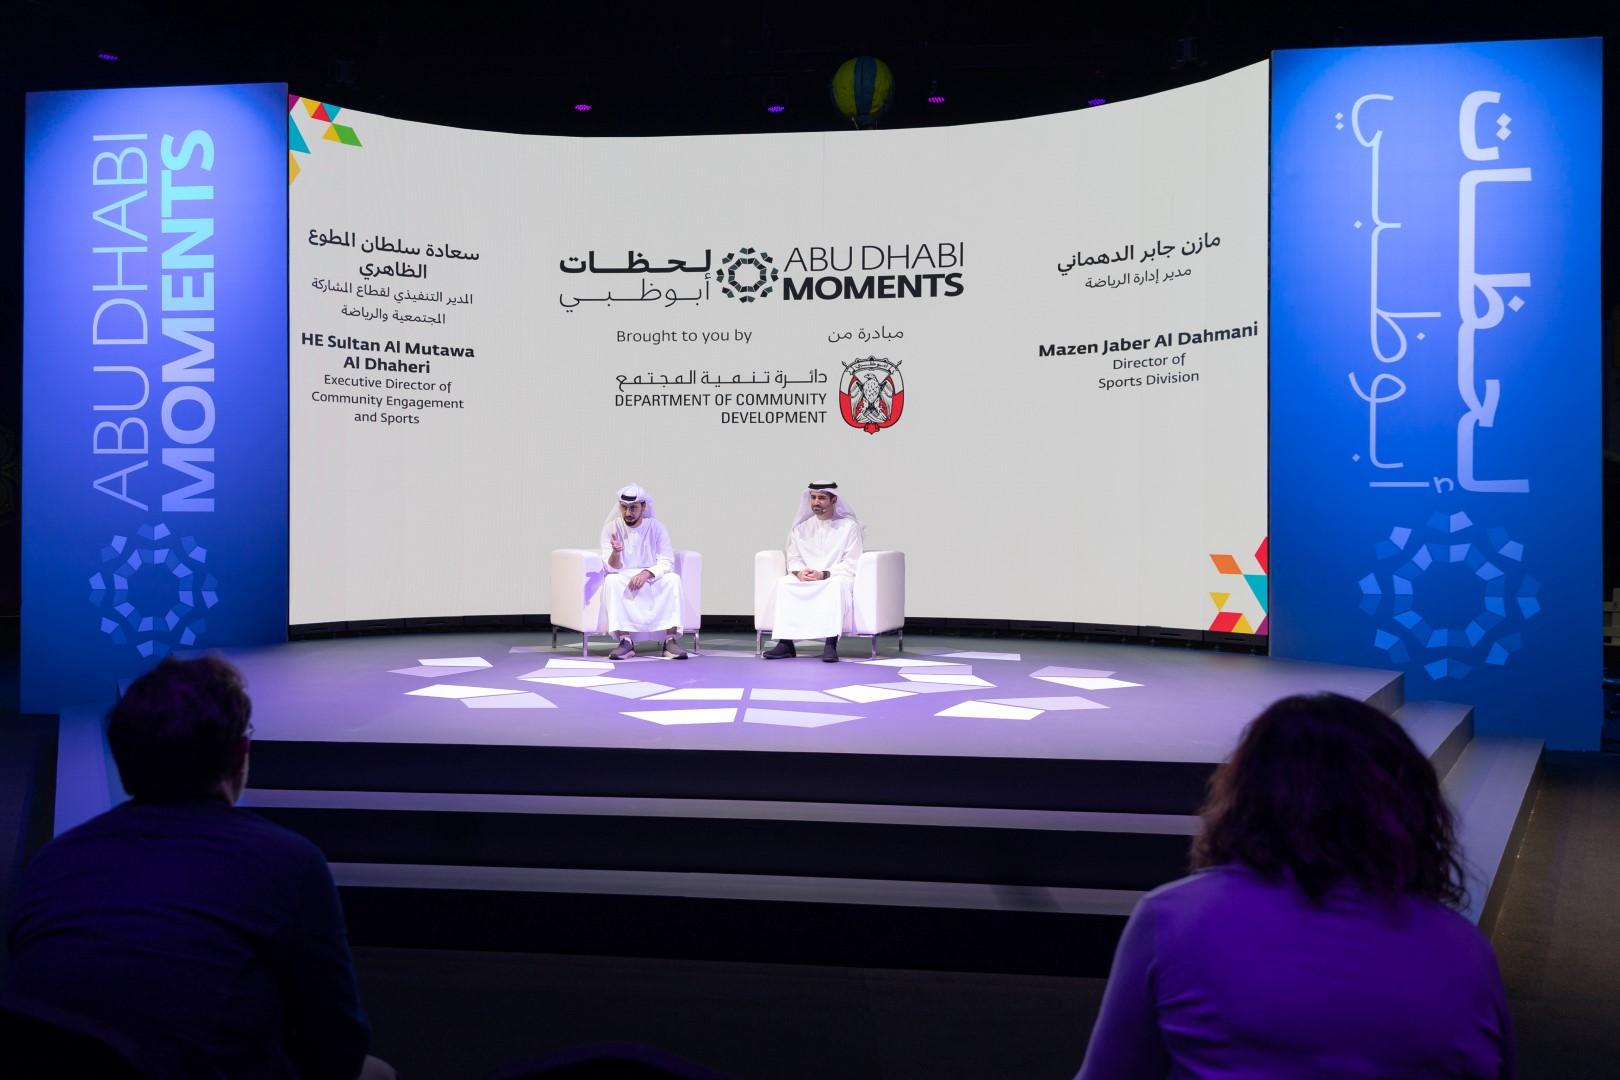 """خالد بن محمد بن زايد يشهد إطلاق مبادرة """"لحظات أبوظبي"""" لتعزيز الروابط المجتمعية"""